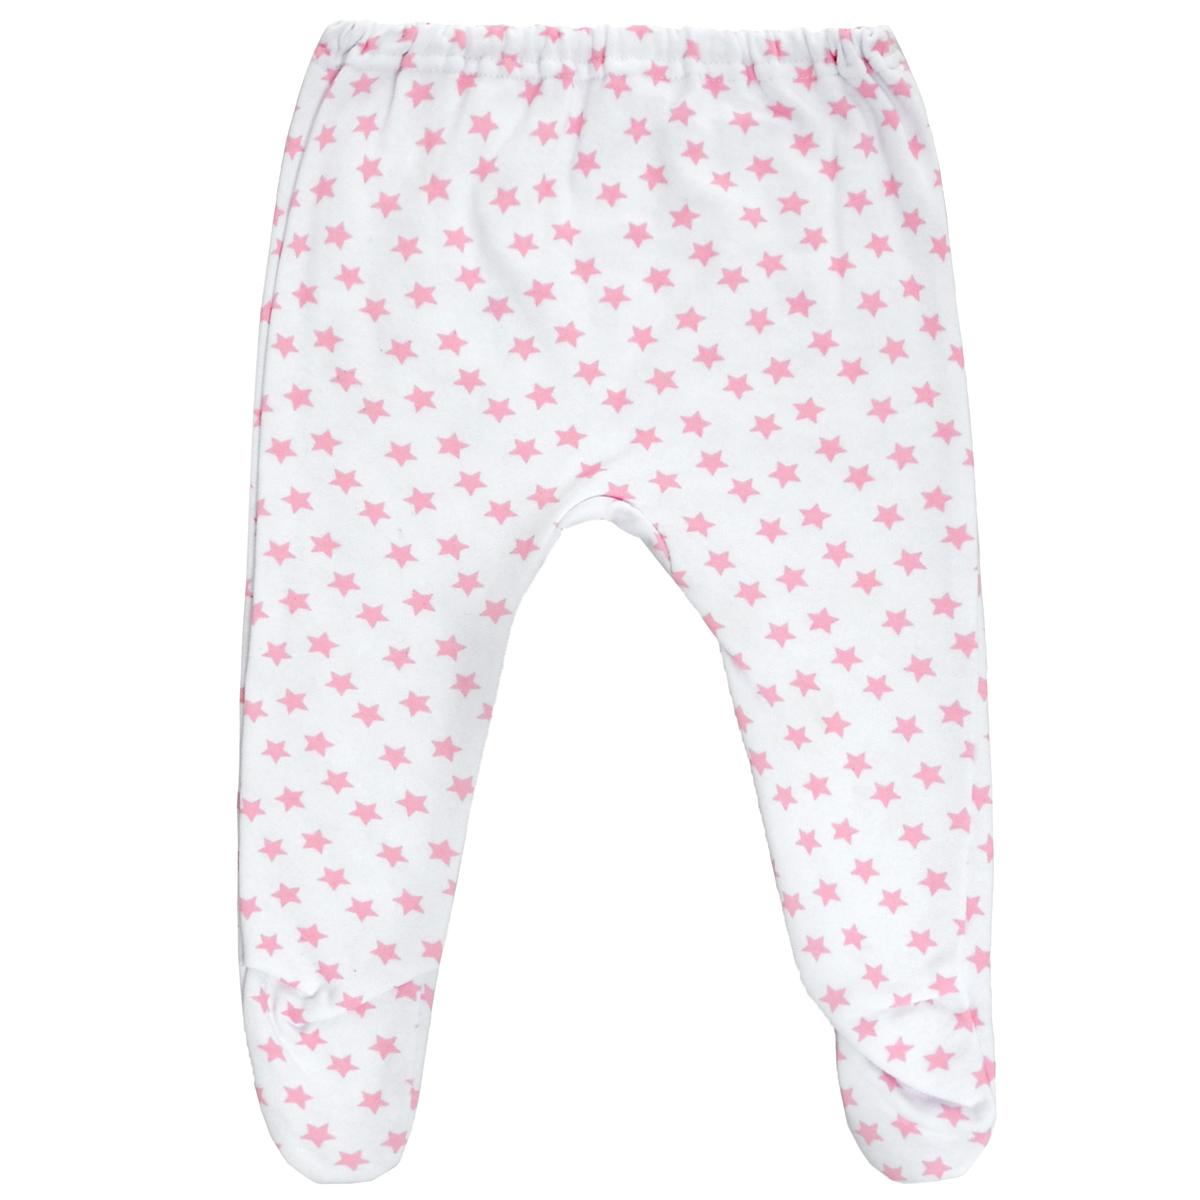 Ползунки5256Ползунки для новорожденного Трон-Плюс послужат идеальным дополнением к гардеробу вашего ребенка, обеспечивая ему наибольший комфорт. Модель, изготовленная из футерованного полотна - натурального хлопка, необычайно мягкая и легкая, не раздражает нежную кожу ребенка и хорошо вентилируется, а эластичные швы приятны телу малыша и не препятствуют его движениям. Теплые ползунки с закрытыми ножками благодаря мягкому эластичному поясу не сдавливают животик младенца и не сползают, идеально подходят для ношения с подгузником. Они полностью соответствуют особенностям жизни ребенка в ранний период, не стесняя и не ограничивая его в движениях.